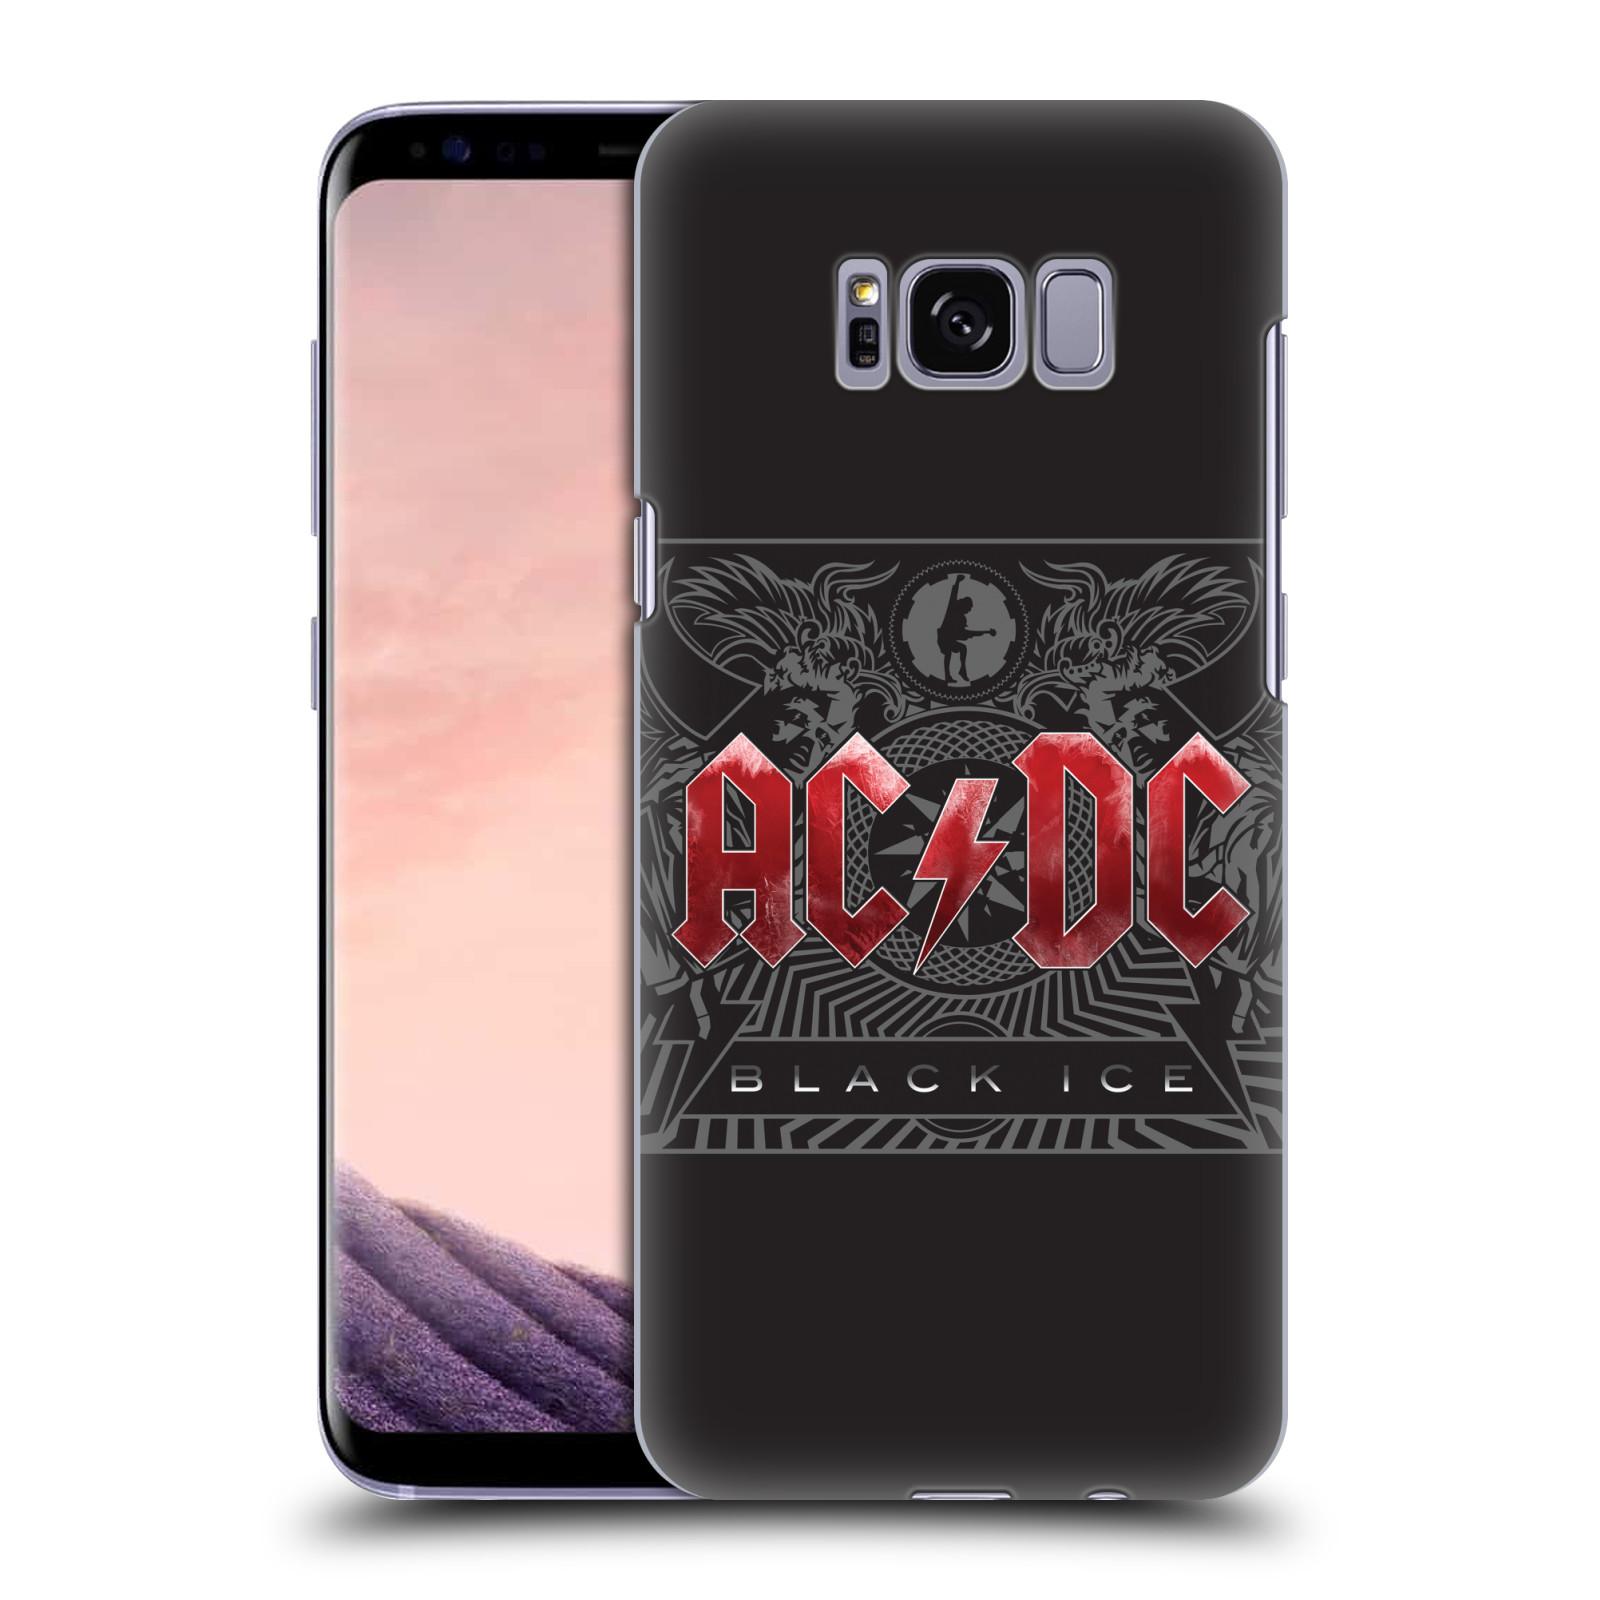 Plastové pouzdro na mobil Samsung Galaxy S8 Head Case AC/DC Black Ice (Plastový kryt či obal na mobilní telefon s oficiálním motivem australské skupiny AC/DC pro Samsung Galaxy S8 SM-G9500)